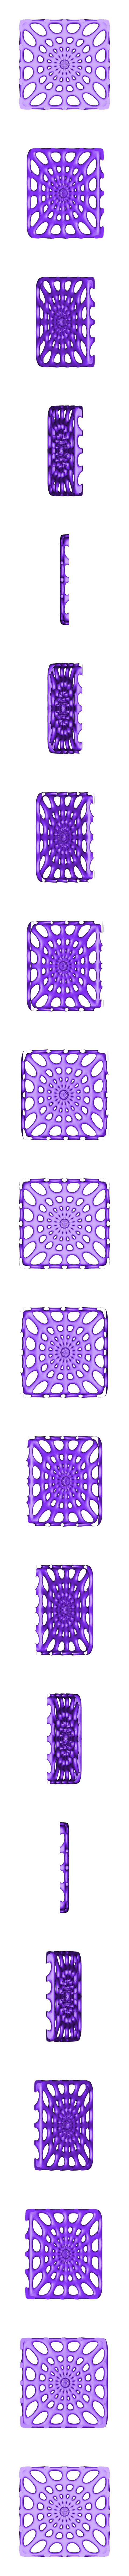 cube_13_Shell_1.stl Télécharger fichier STL gratuit Cube • Objet à imprimer en 3D, Wailroth3D